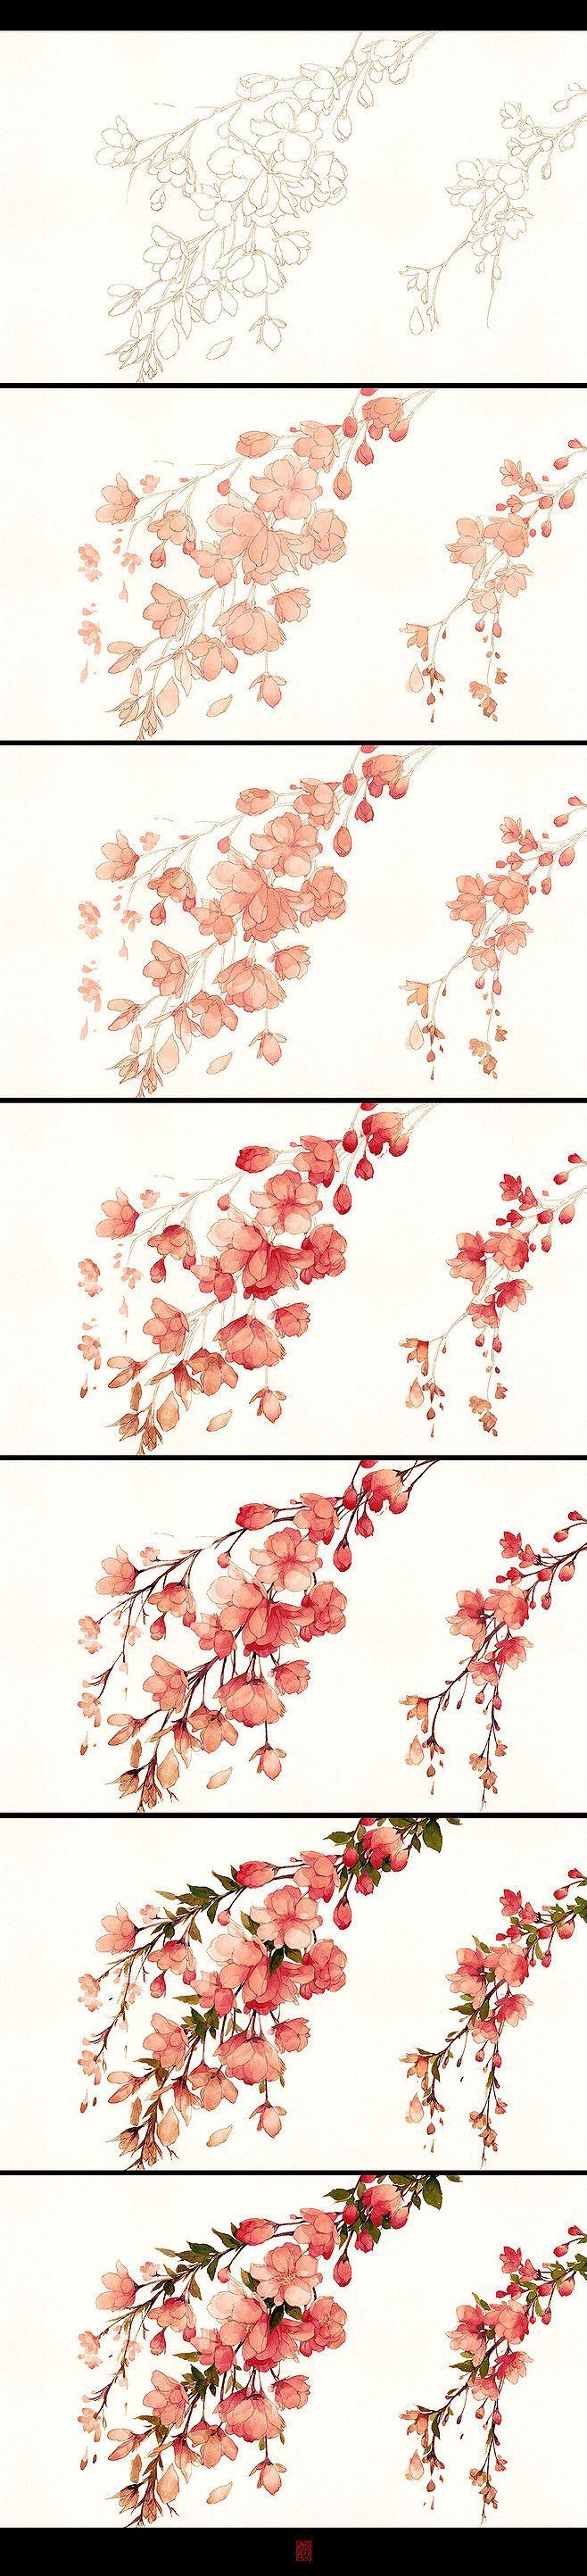 手绘 插画手绘 水彩画 铅笔画 学画水彩画